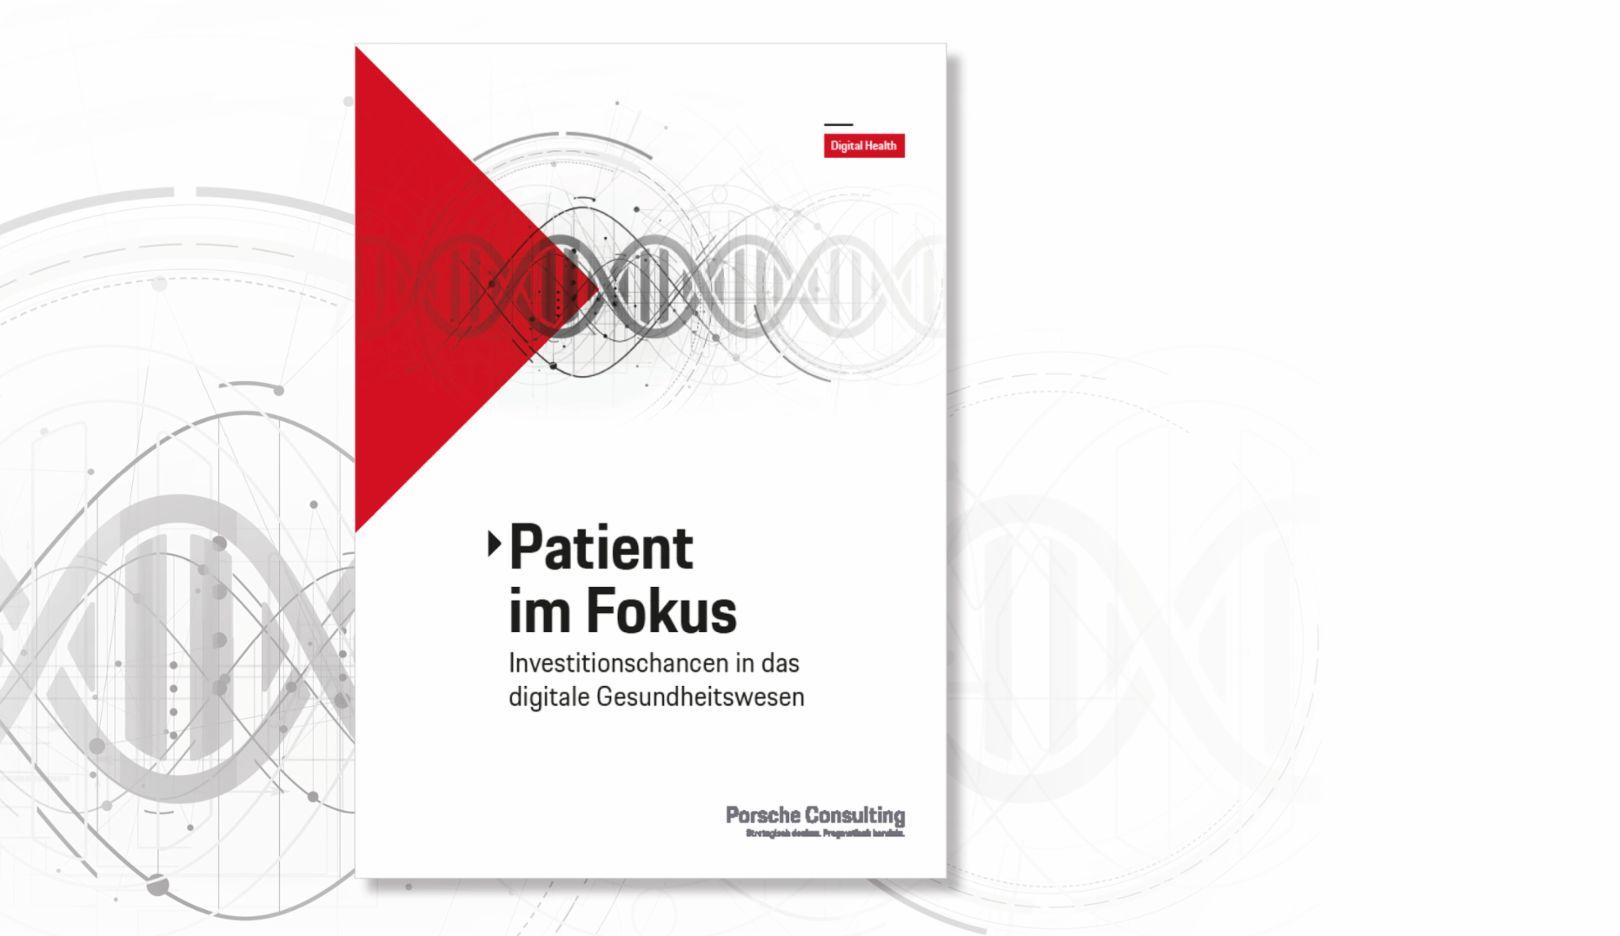 """Analyse """"Patient im Fokus"""", 2018, Porsche Consulting GmbH"""